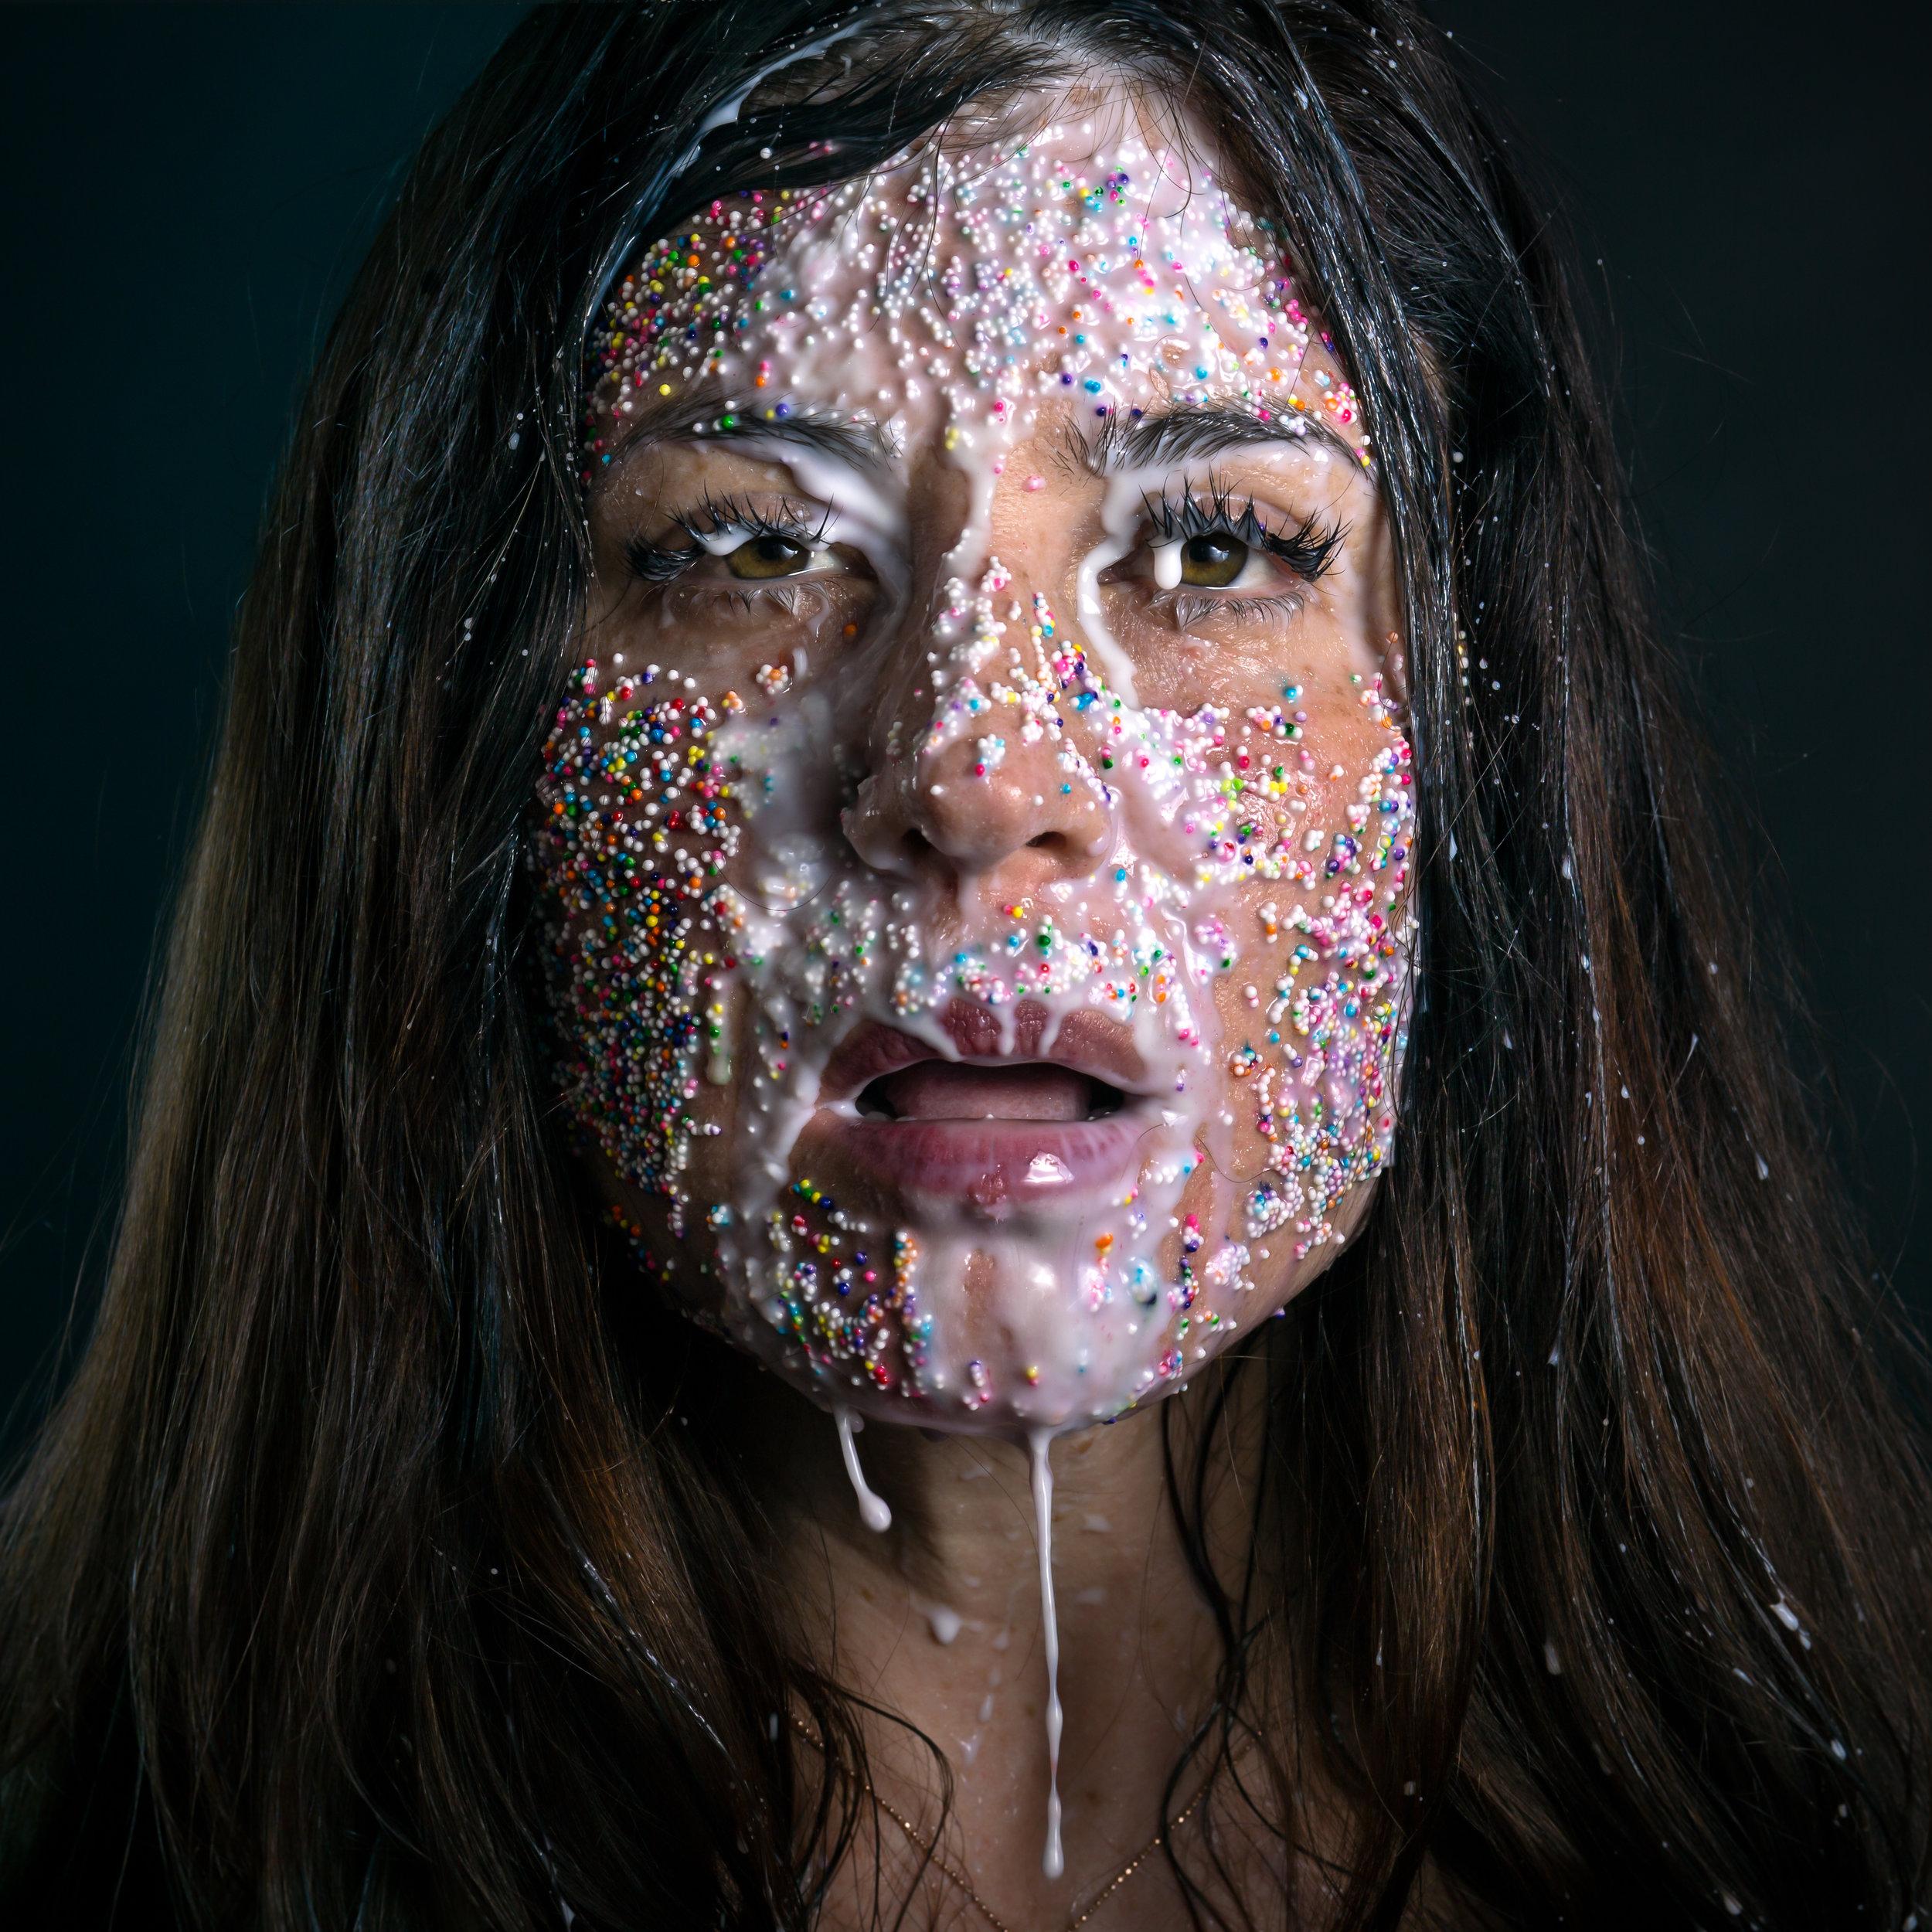 TCHICKMCCLURE-Pastiloff-Sprinkles-NoOpen-1.jpg